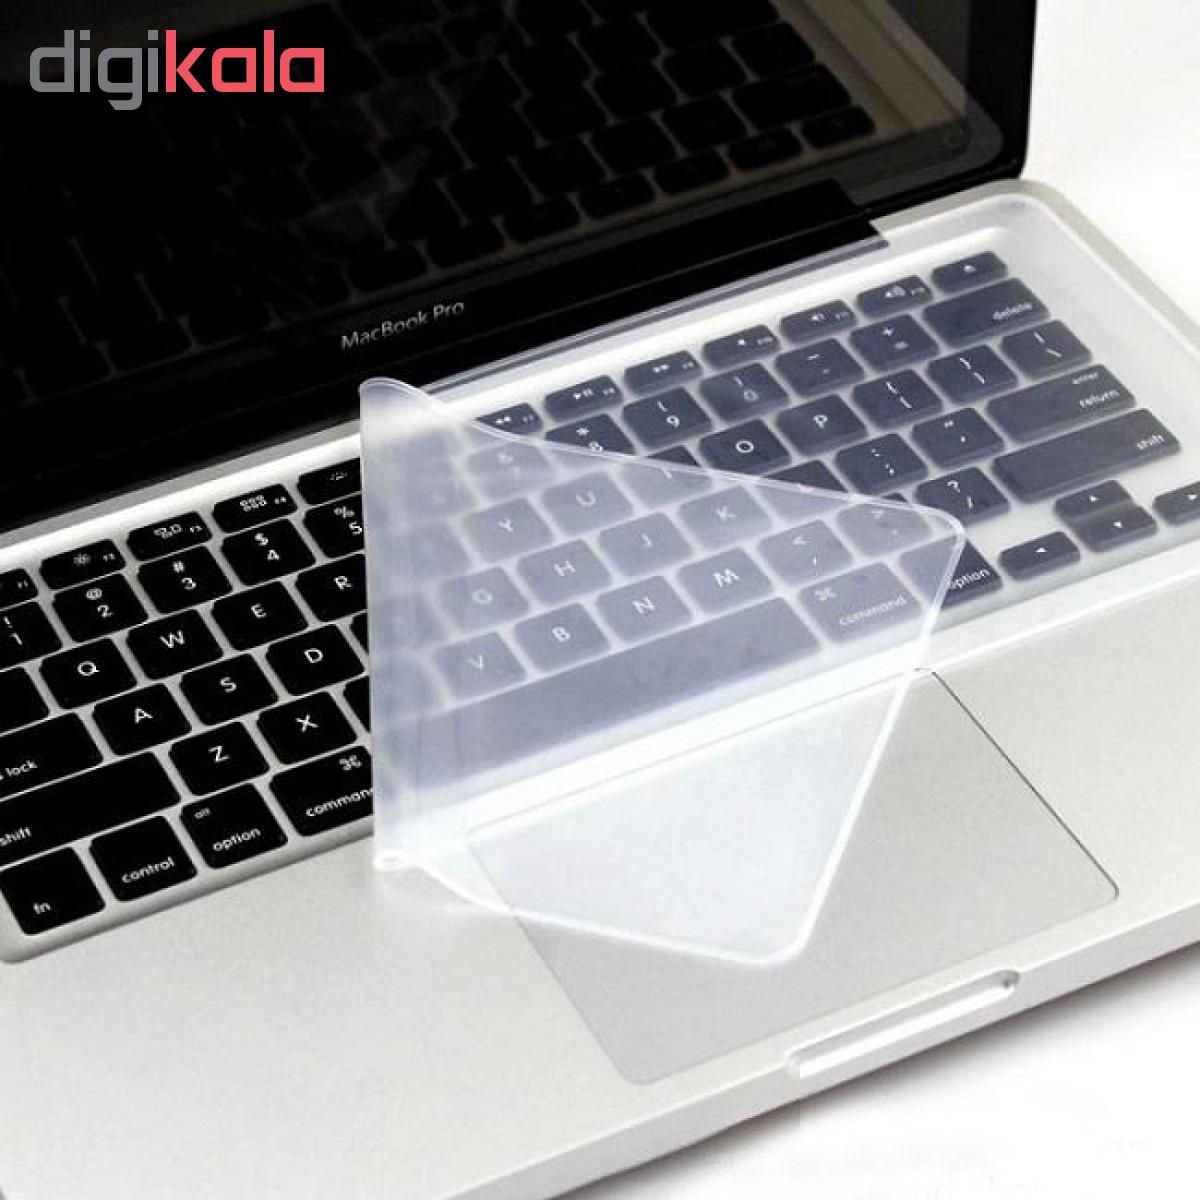 محافظ کیبورد مدل NOTEBOOK مناسب برای لپ تاپ های 15 اینچ